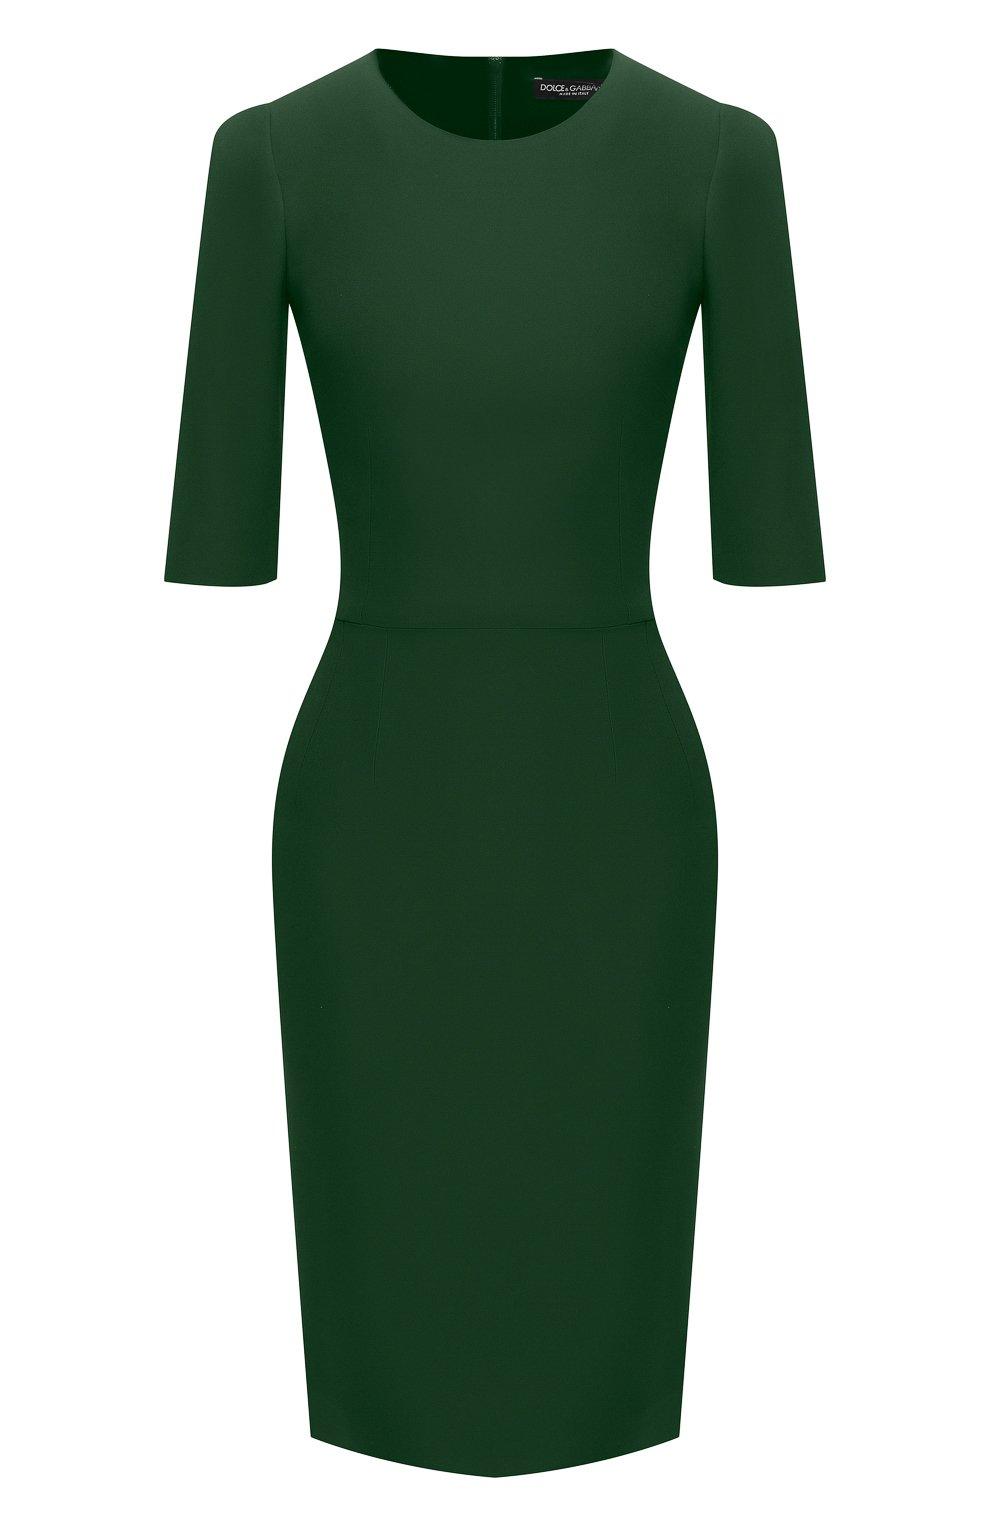 4c40d5d86eb Женские платья Dolce   Gabbana по цене от 65 600 руб. купить в  интернет-магазине ЦУМ